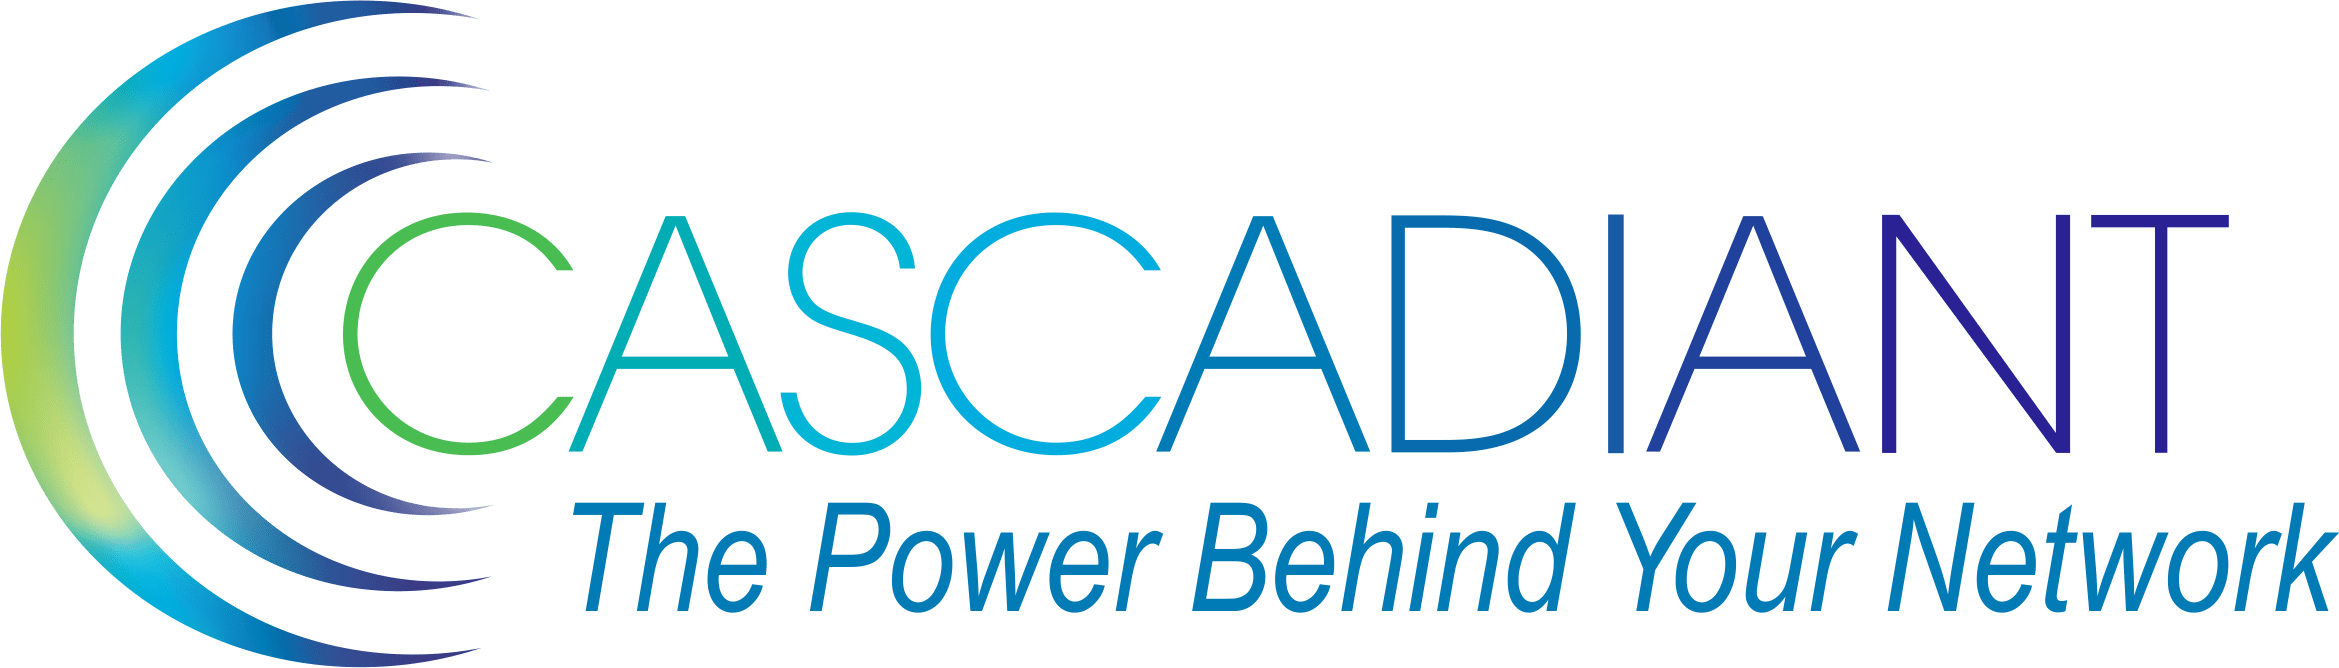 Cascadiant company logo